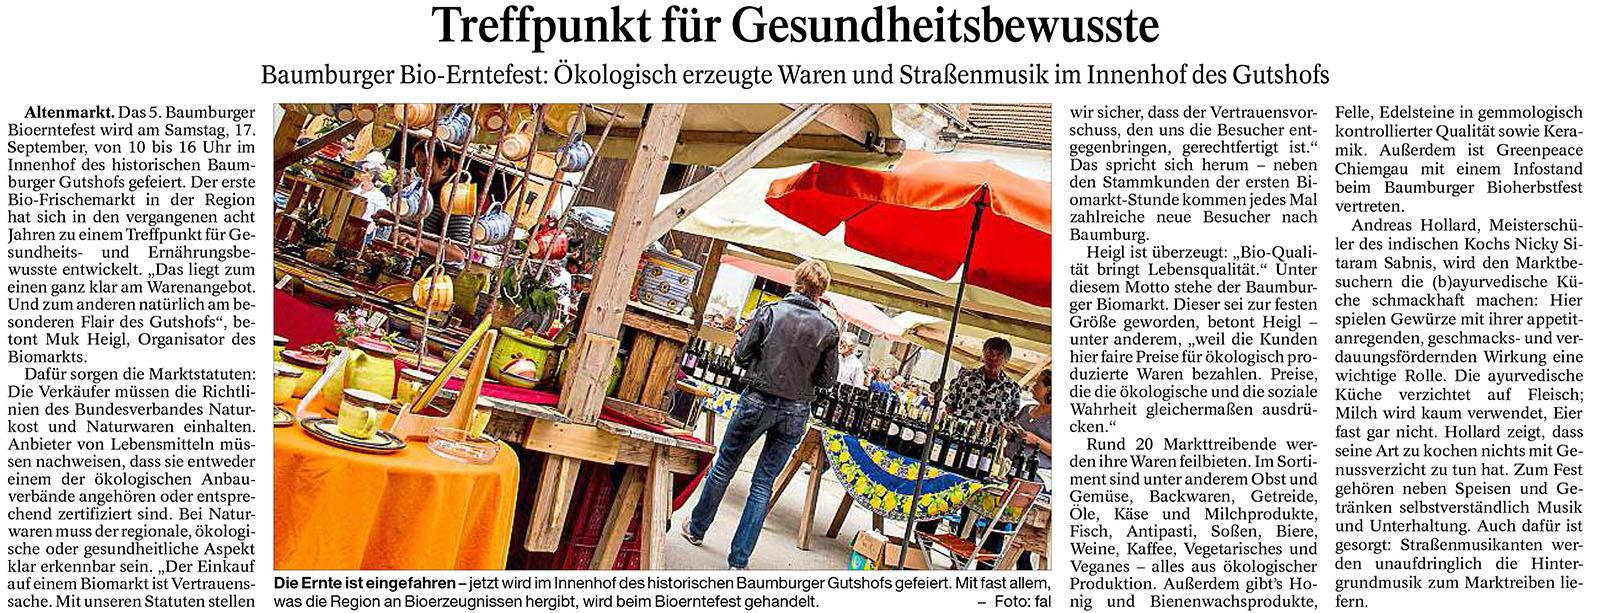 Bioerntefest-Ankündigung im Trostberger Tagblatt